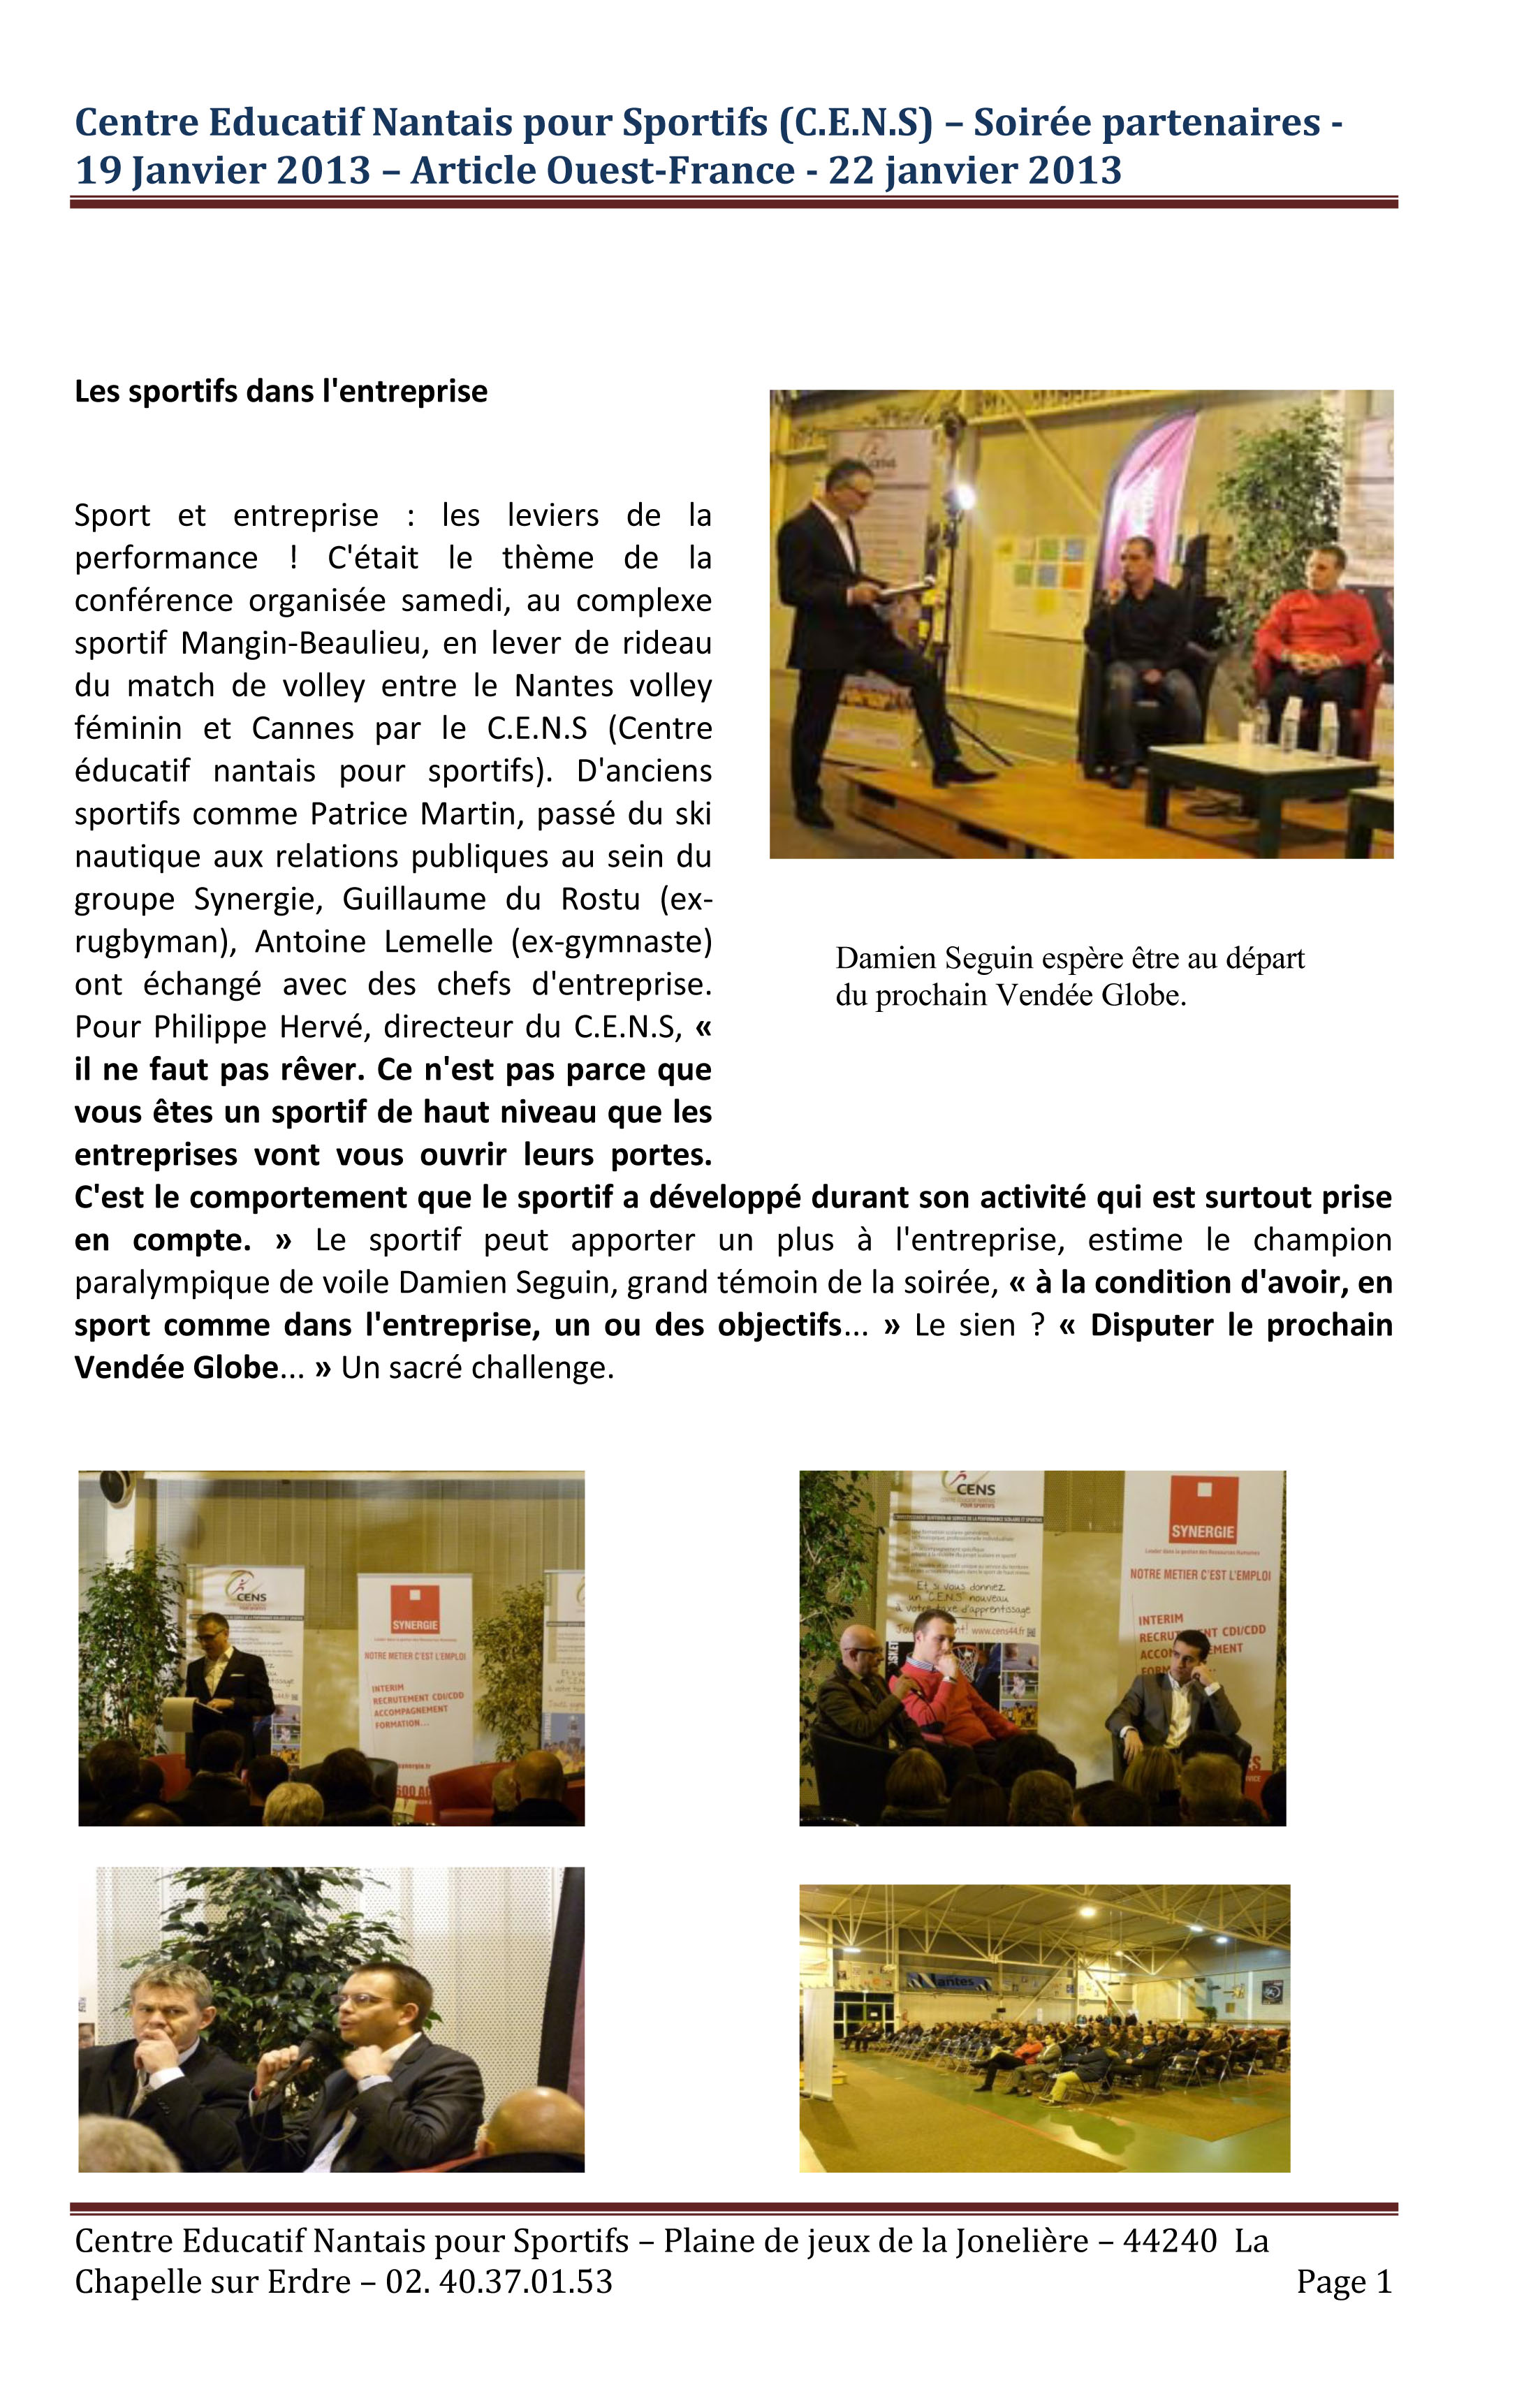 Article Ouest France soirée partenaires 19012013.jpg